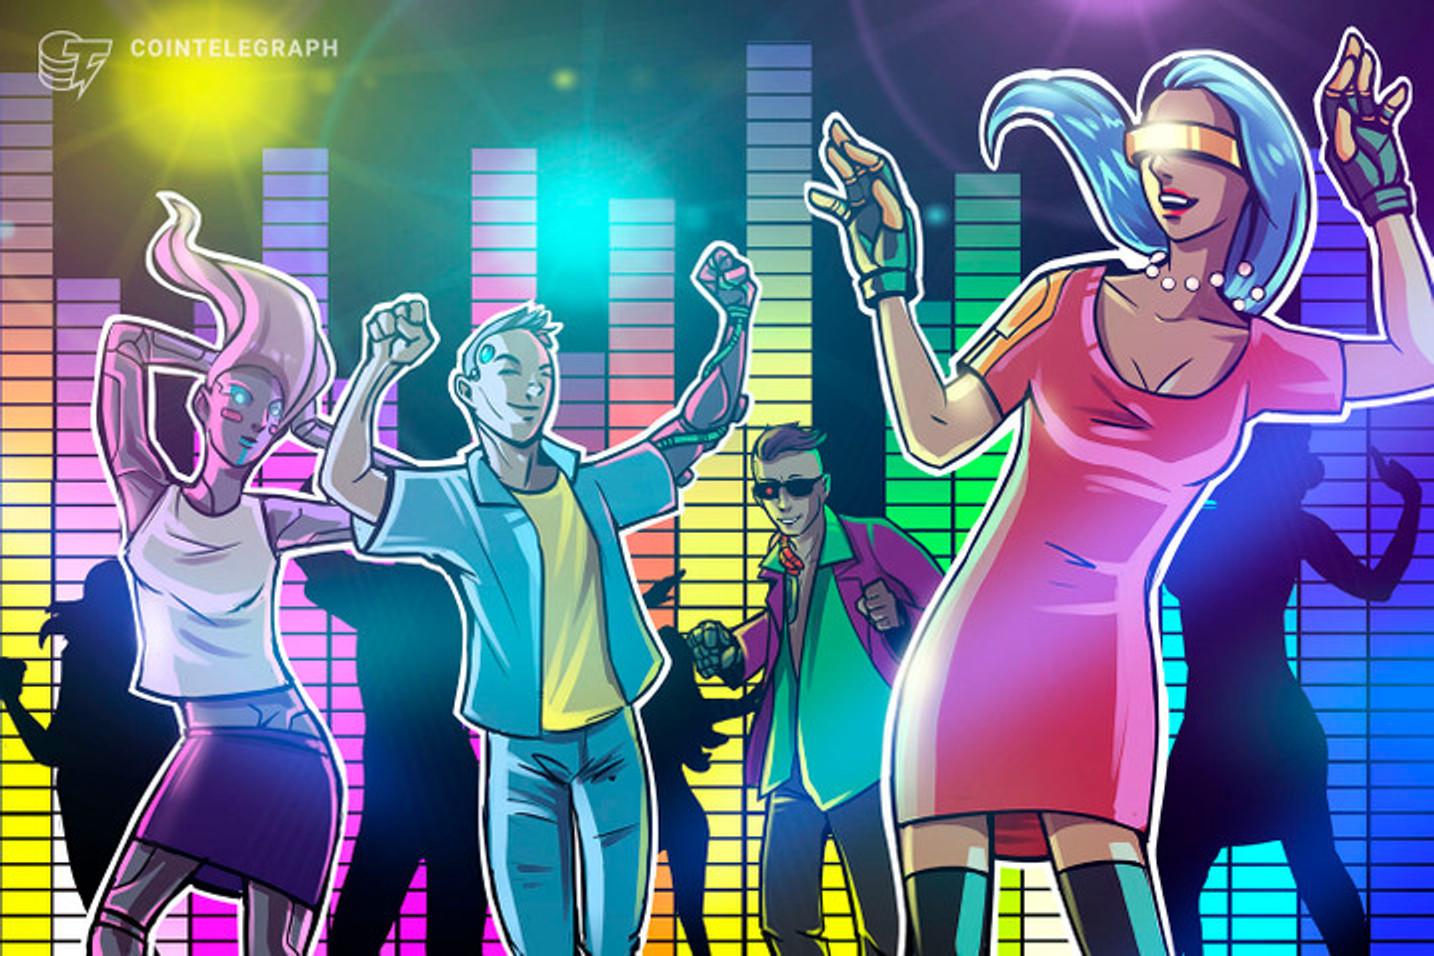 De olho no mercado emergente, startup brasileira focada em música lança primeira plataforma NFT do Brasil